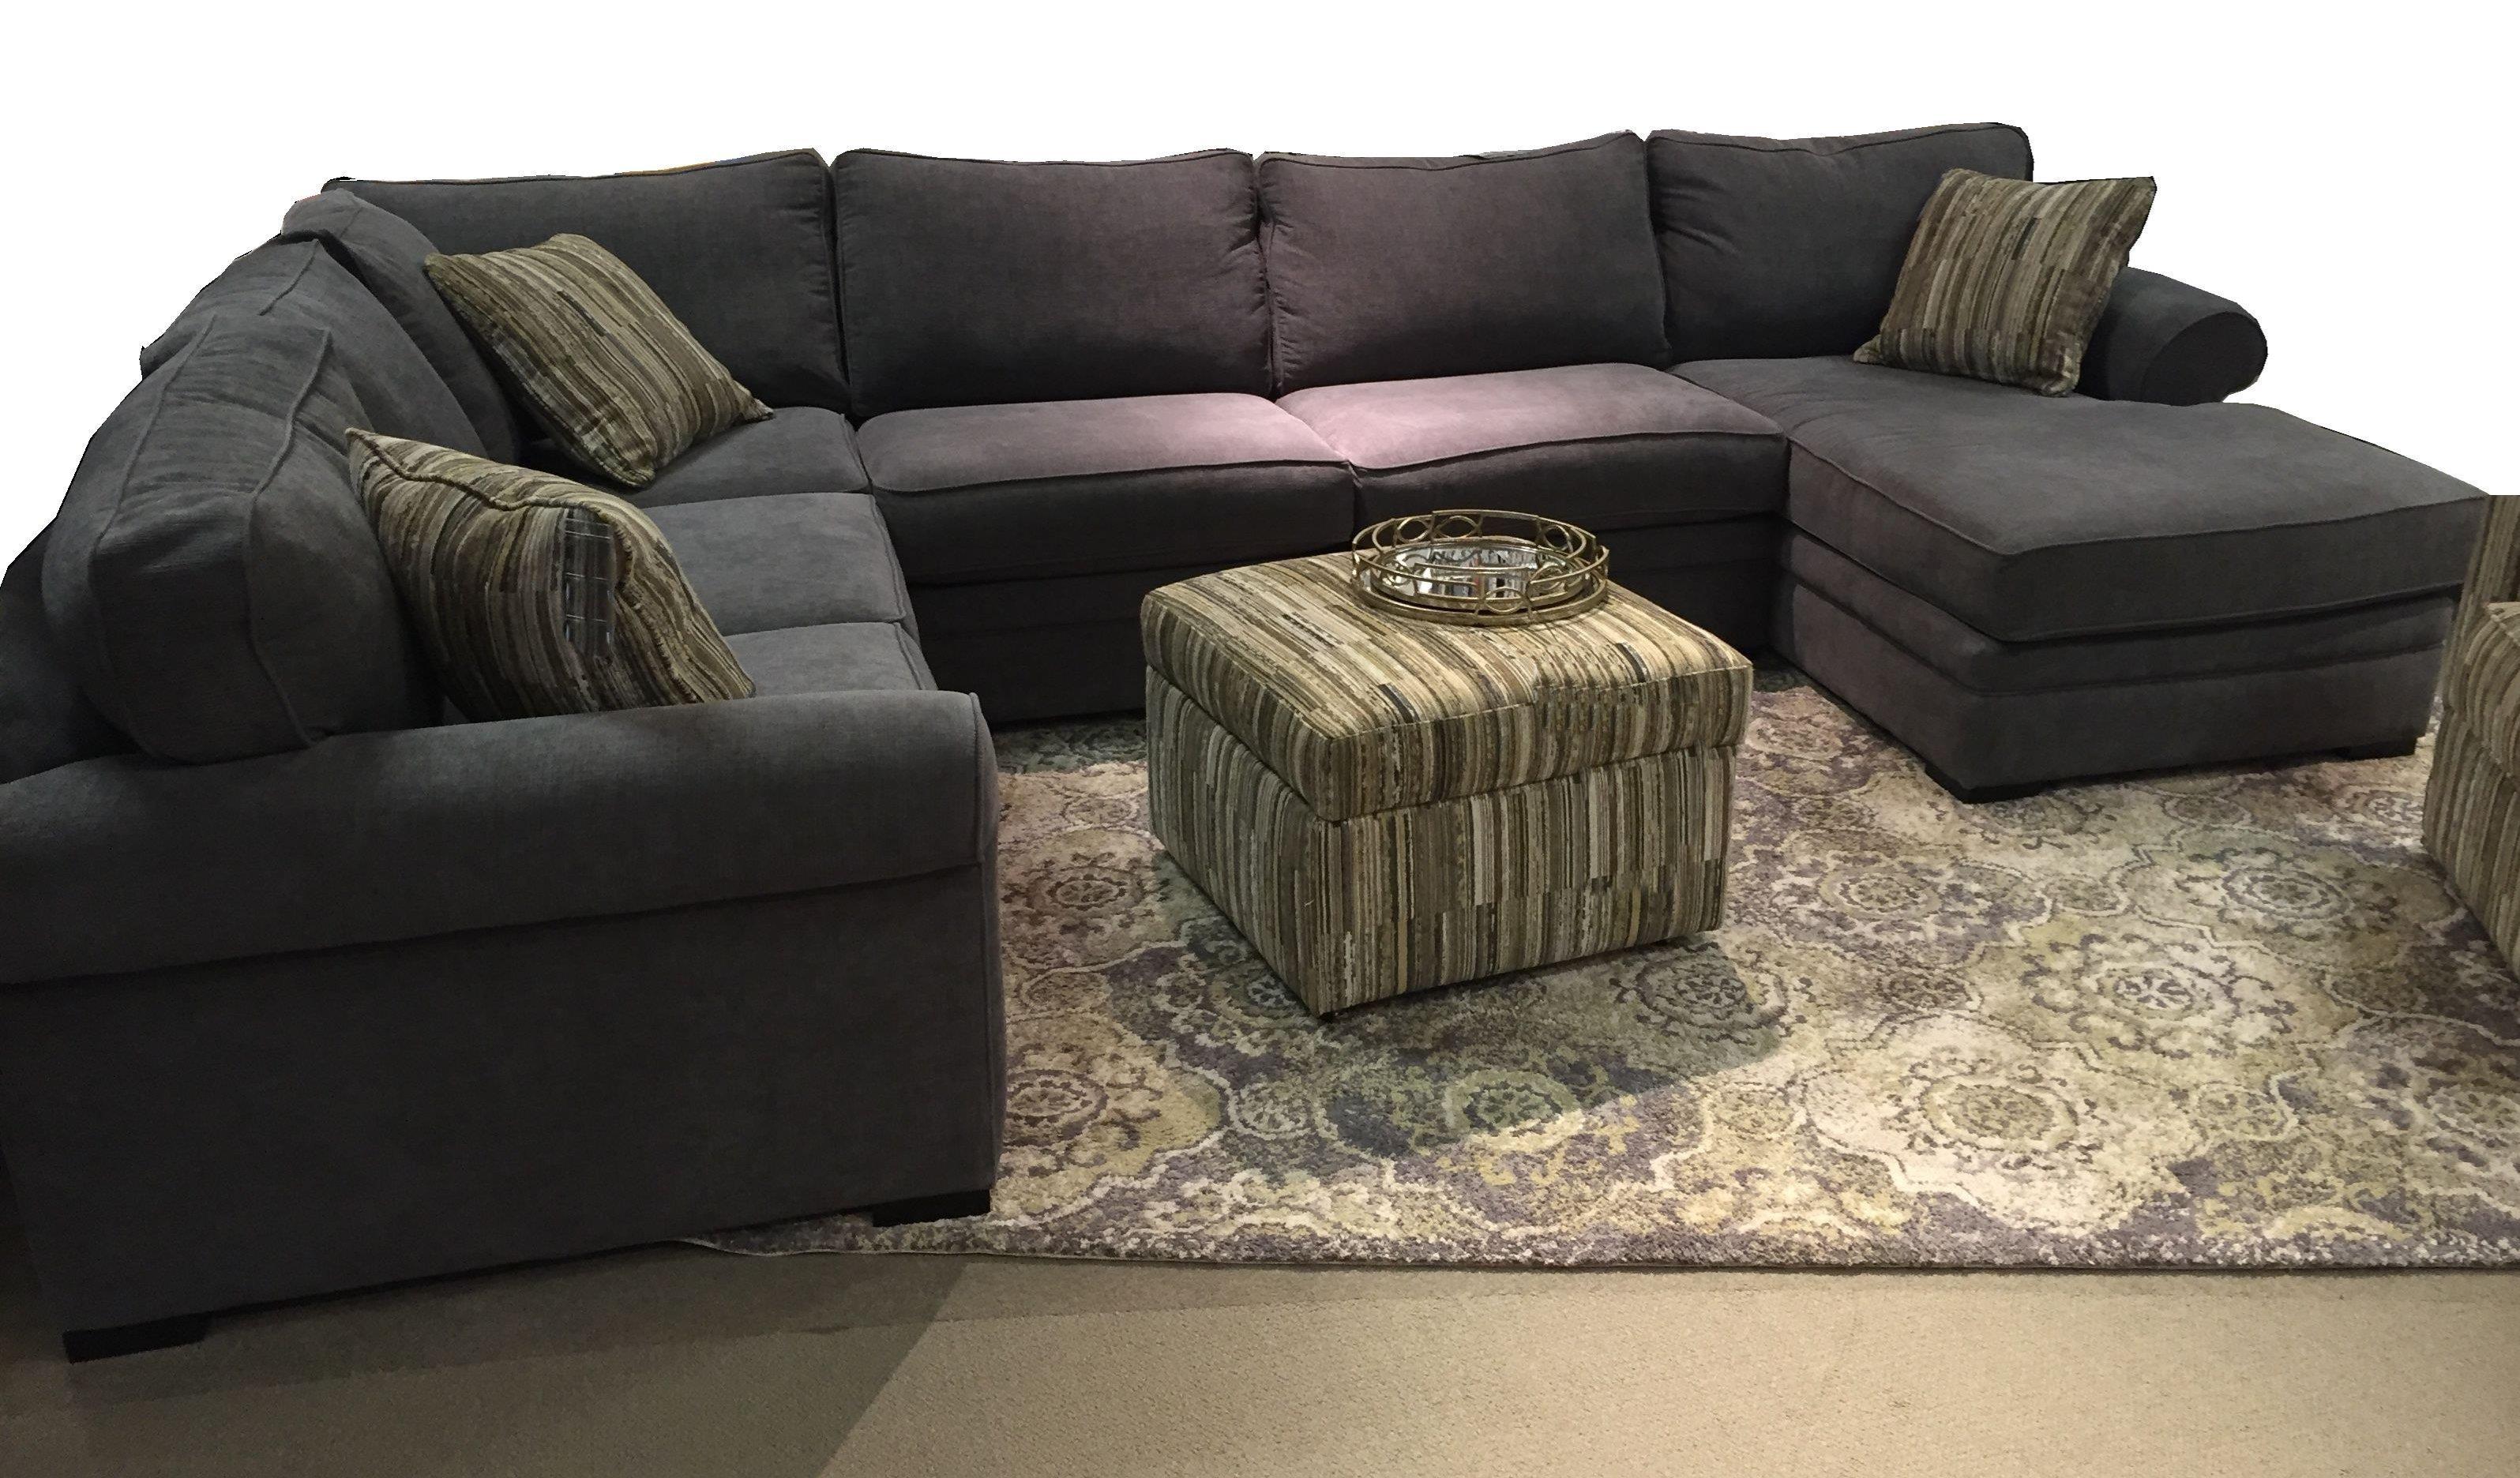 Modular pit group sectional cheap modular sectional for Modular pit sectional sofa